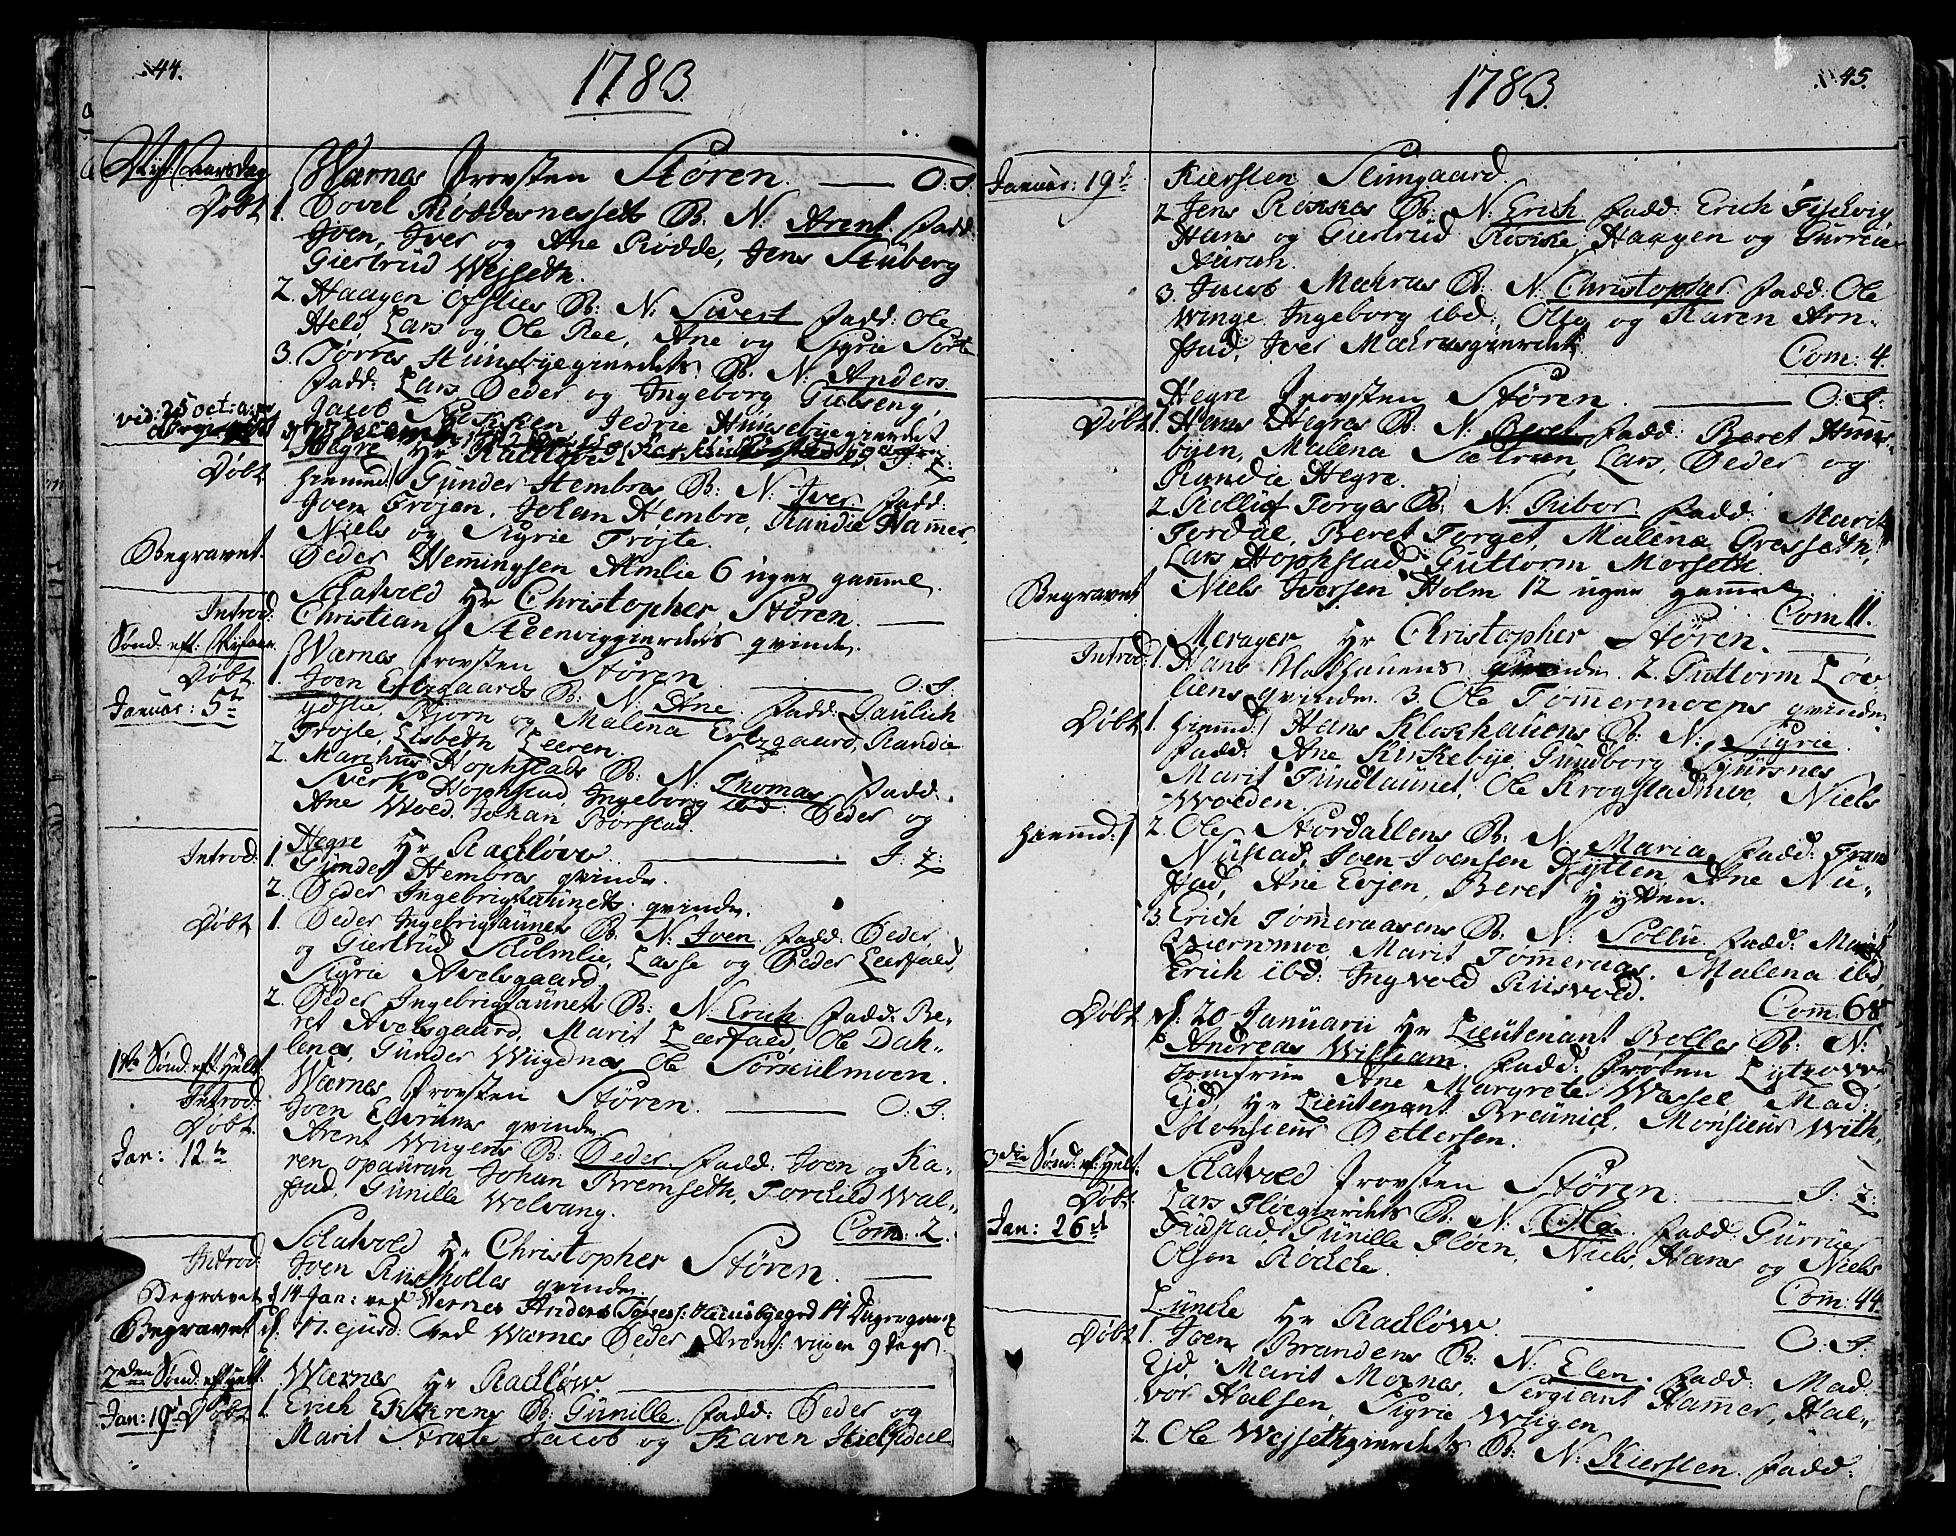 SAT, Ministerialprotokoller, klokkerbøker og fødselsregistre - Nord-Trøndelag, 709/L0059: Ministerialbok nr. 709A06, 1781-1797, s. 44-45